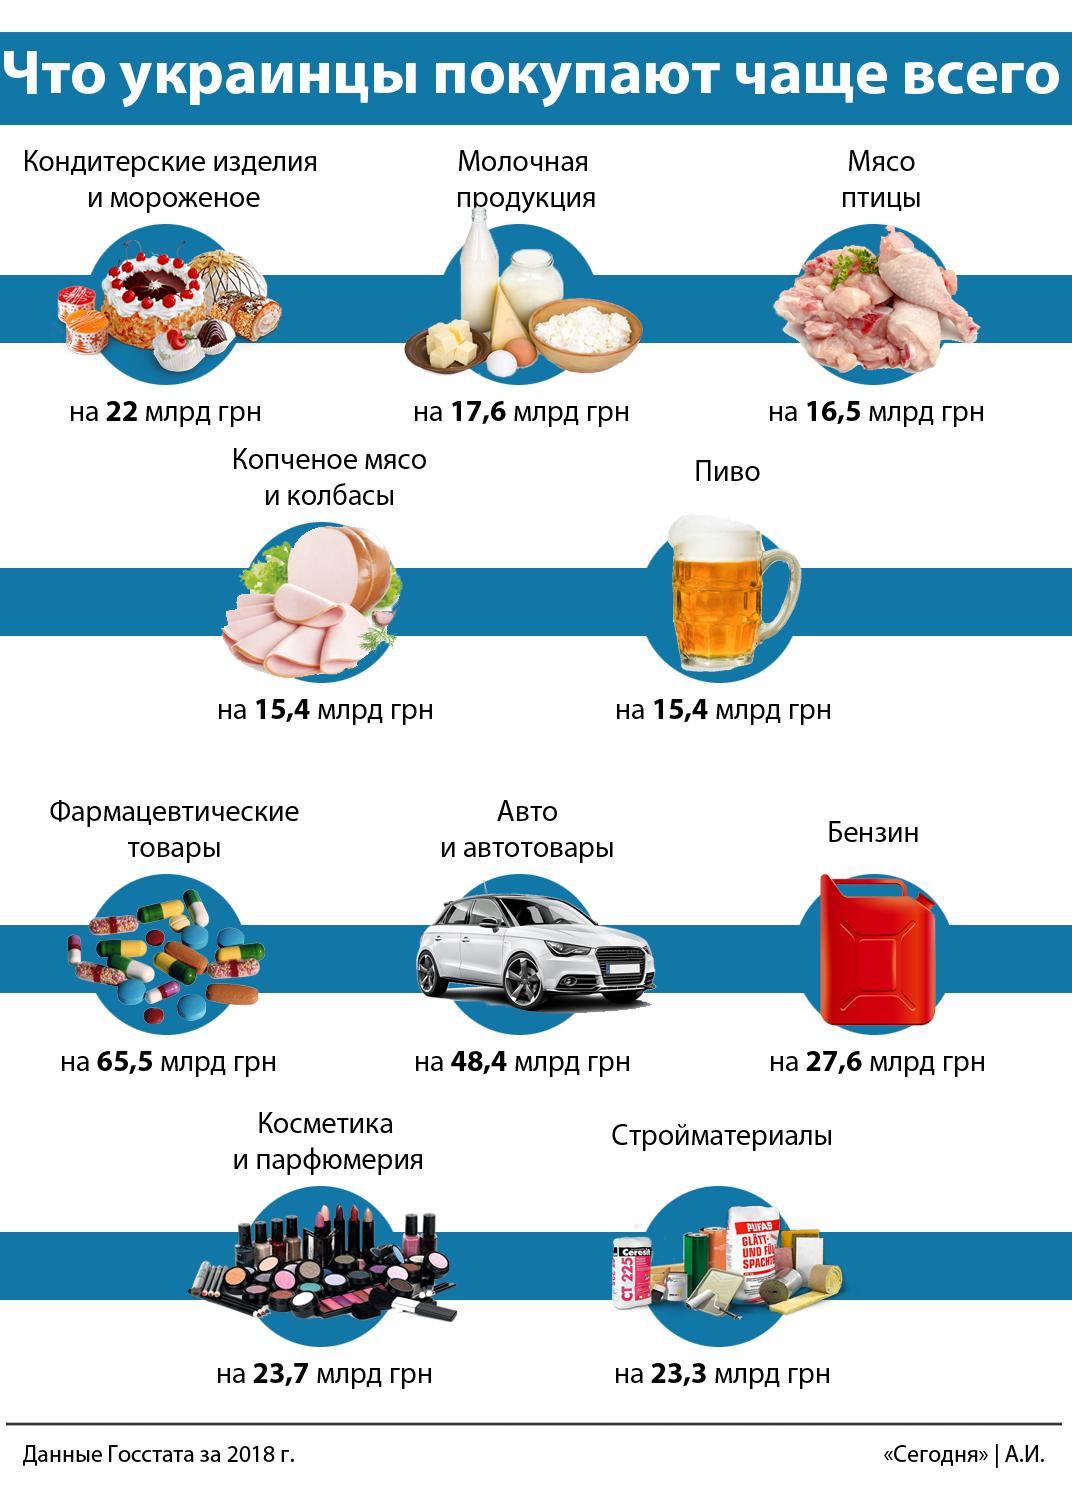 Много пива и лекарств: на что украинцы тратят больше всего, фото-3